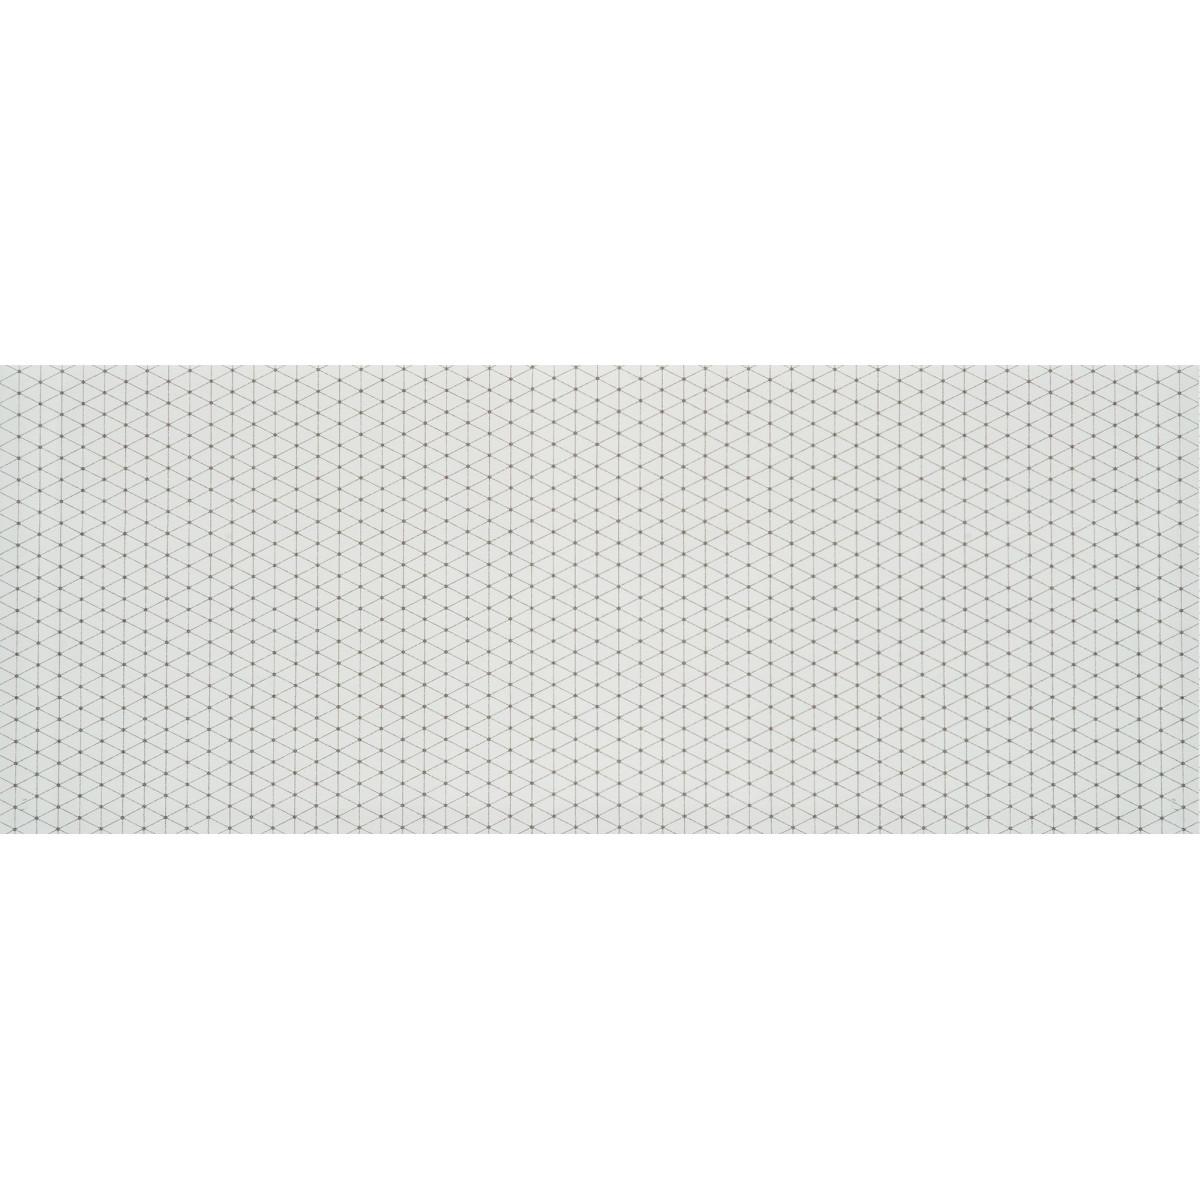 Плитка настенная Концепт 7С 50x20 см 1.4 м² цвет белый